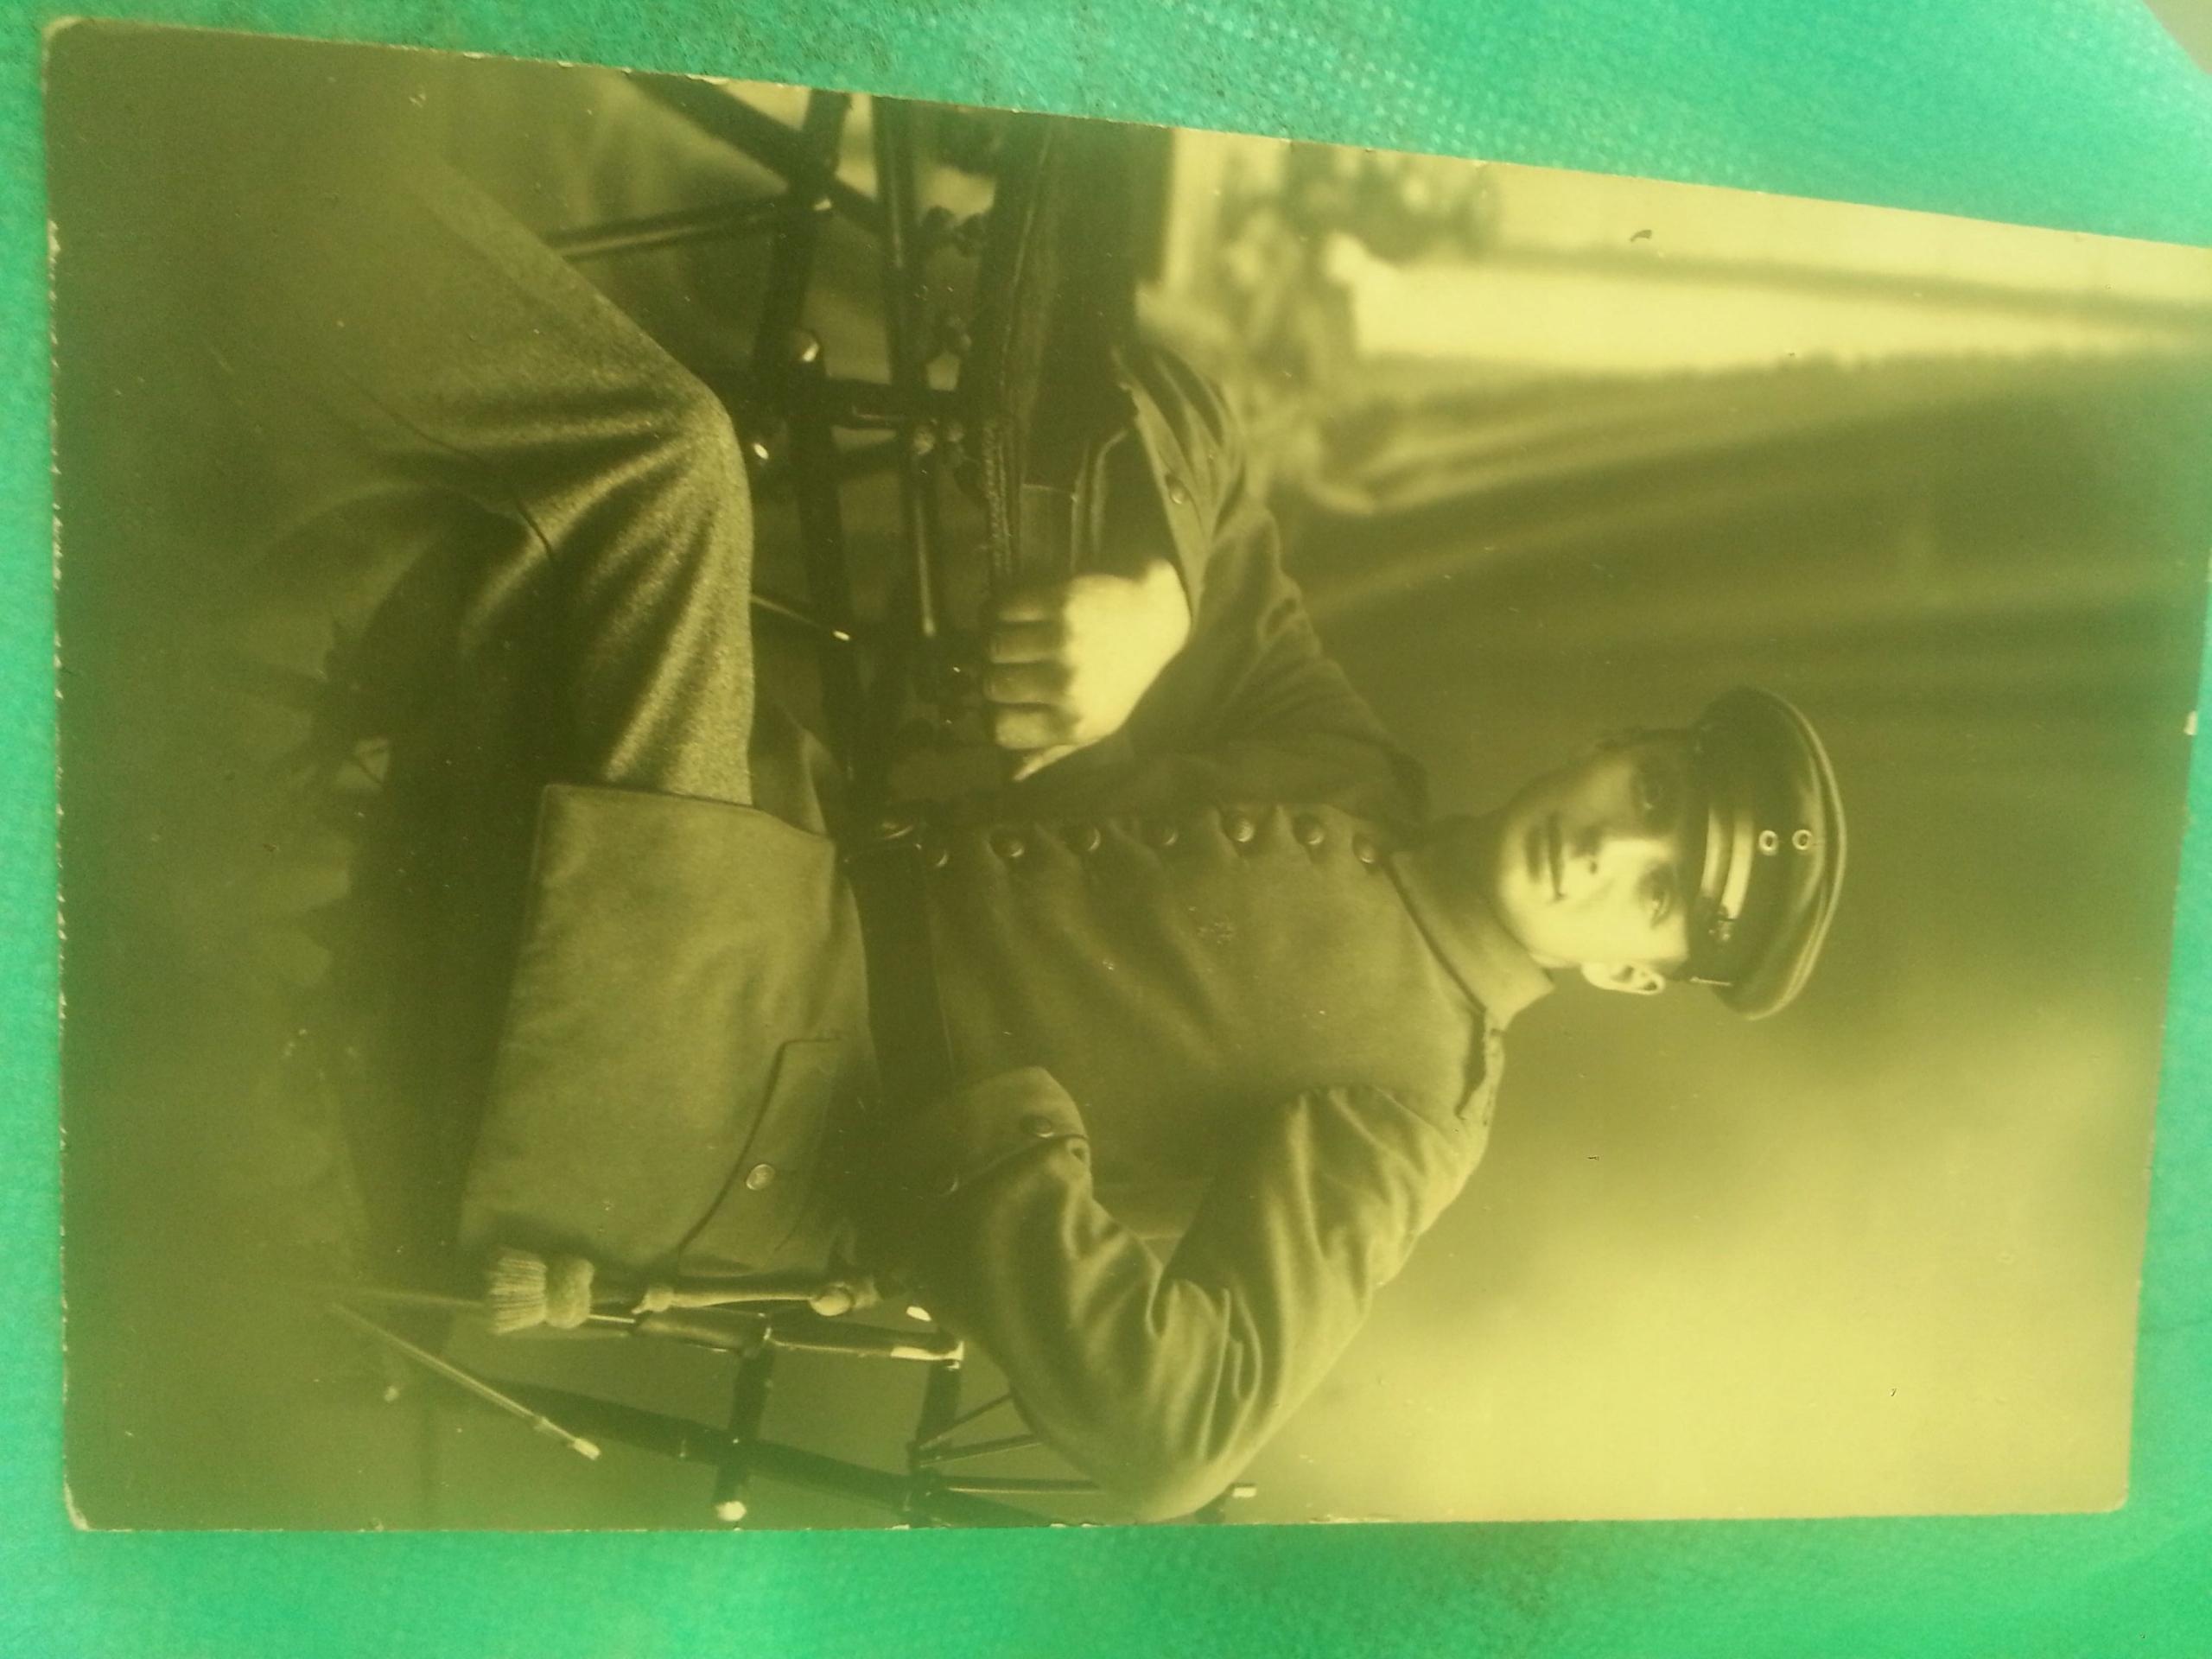 Zołnierz.Fot.Pińsk Bagnet